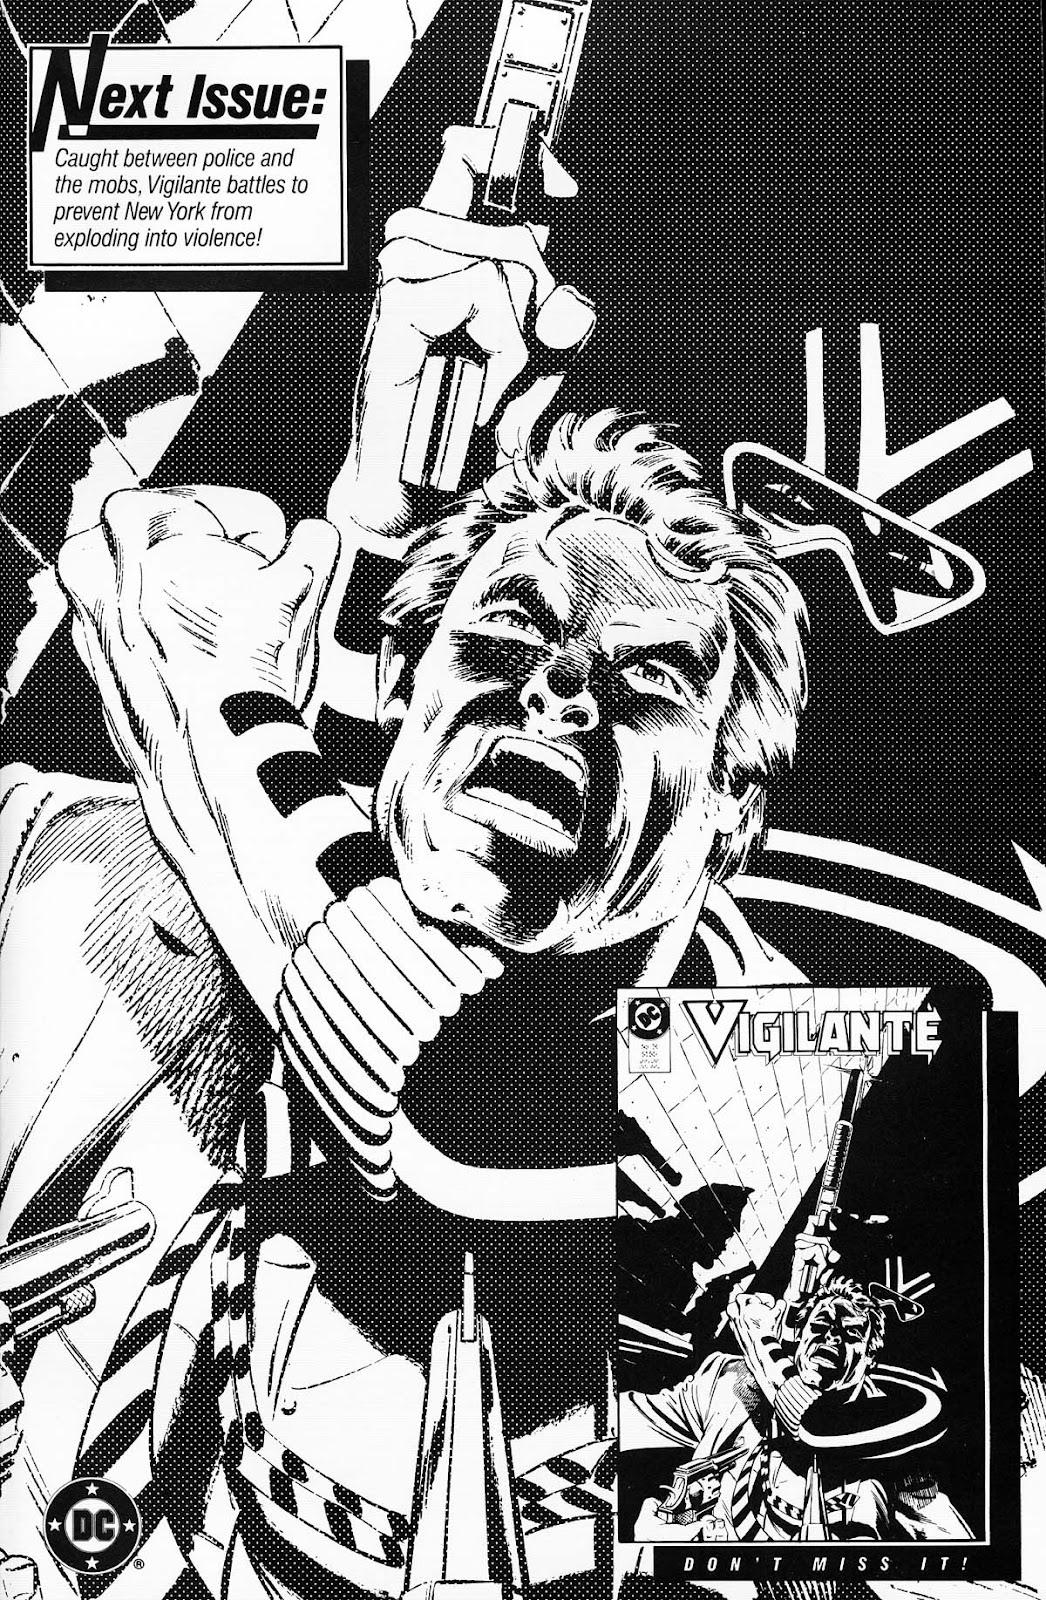 Vigilante (1983) issue 31 - Page 33